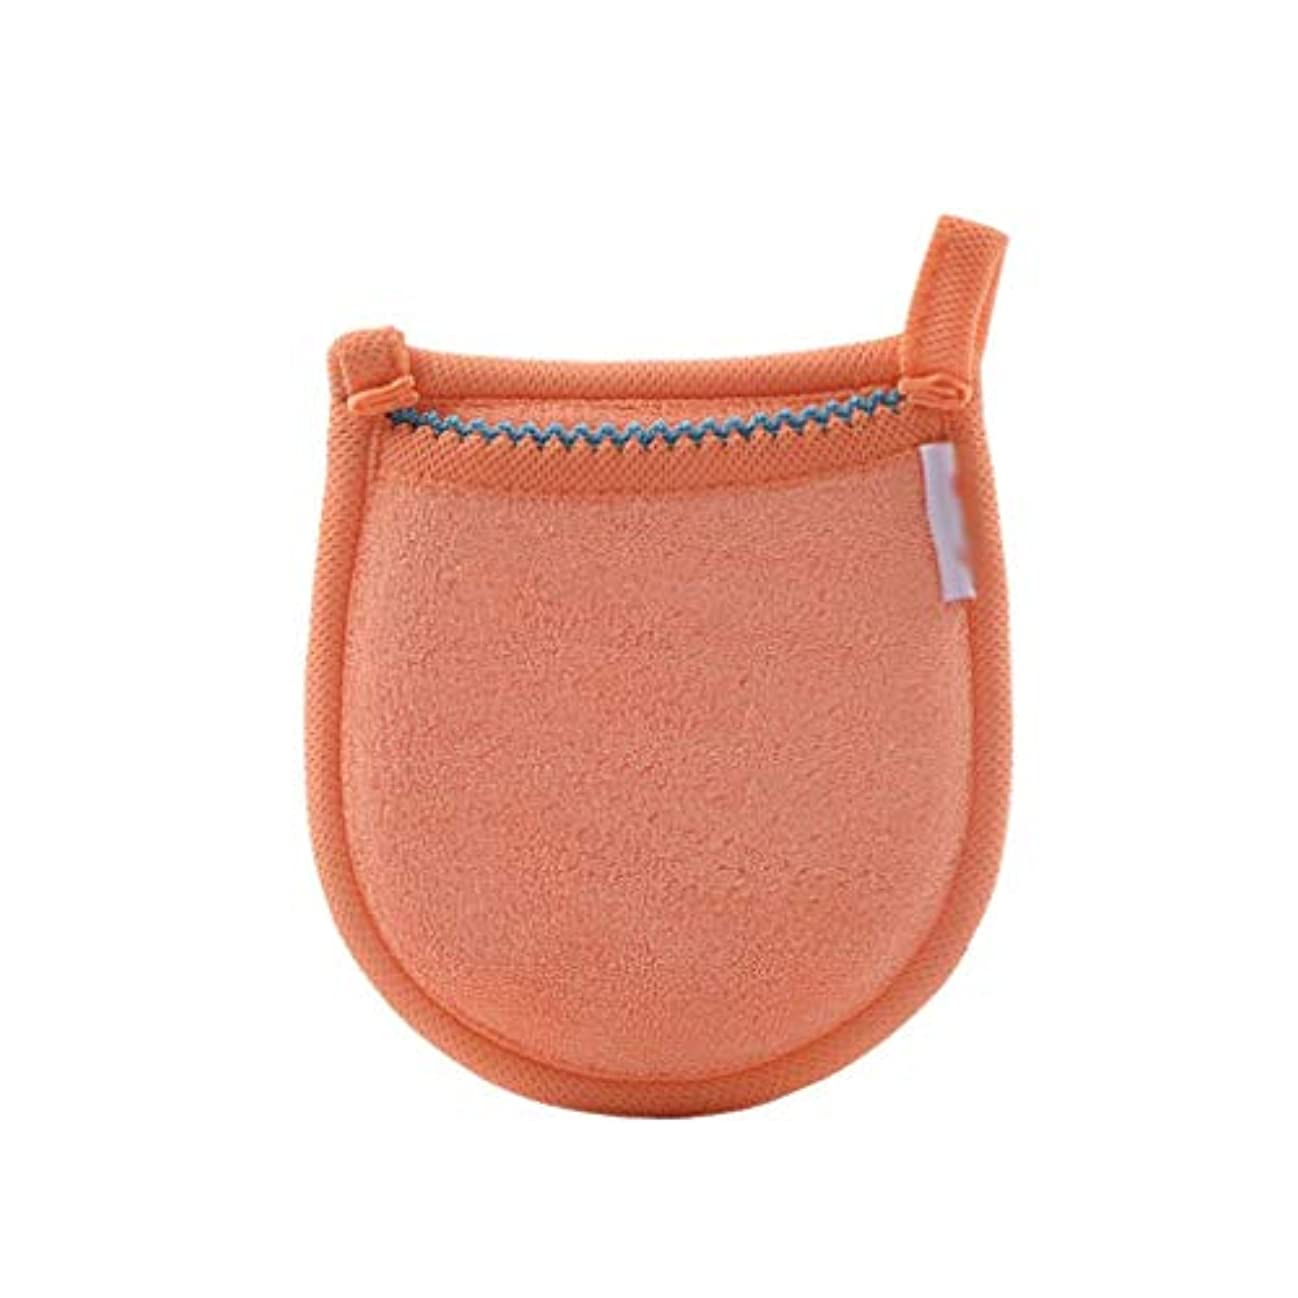 1ピースフェイシャル竹炭スポンジフェイスメイク落とし美容再利用可能なフェイスタオルクリーニンググローブ洗濯メイクアップツール (Color : Orange)